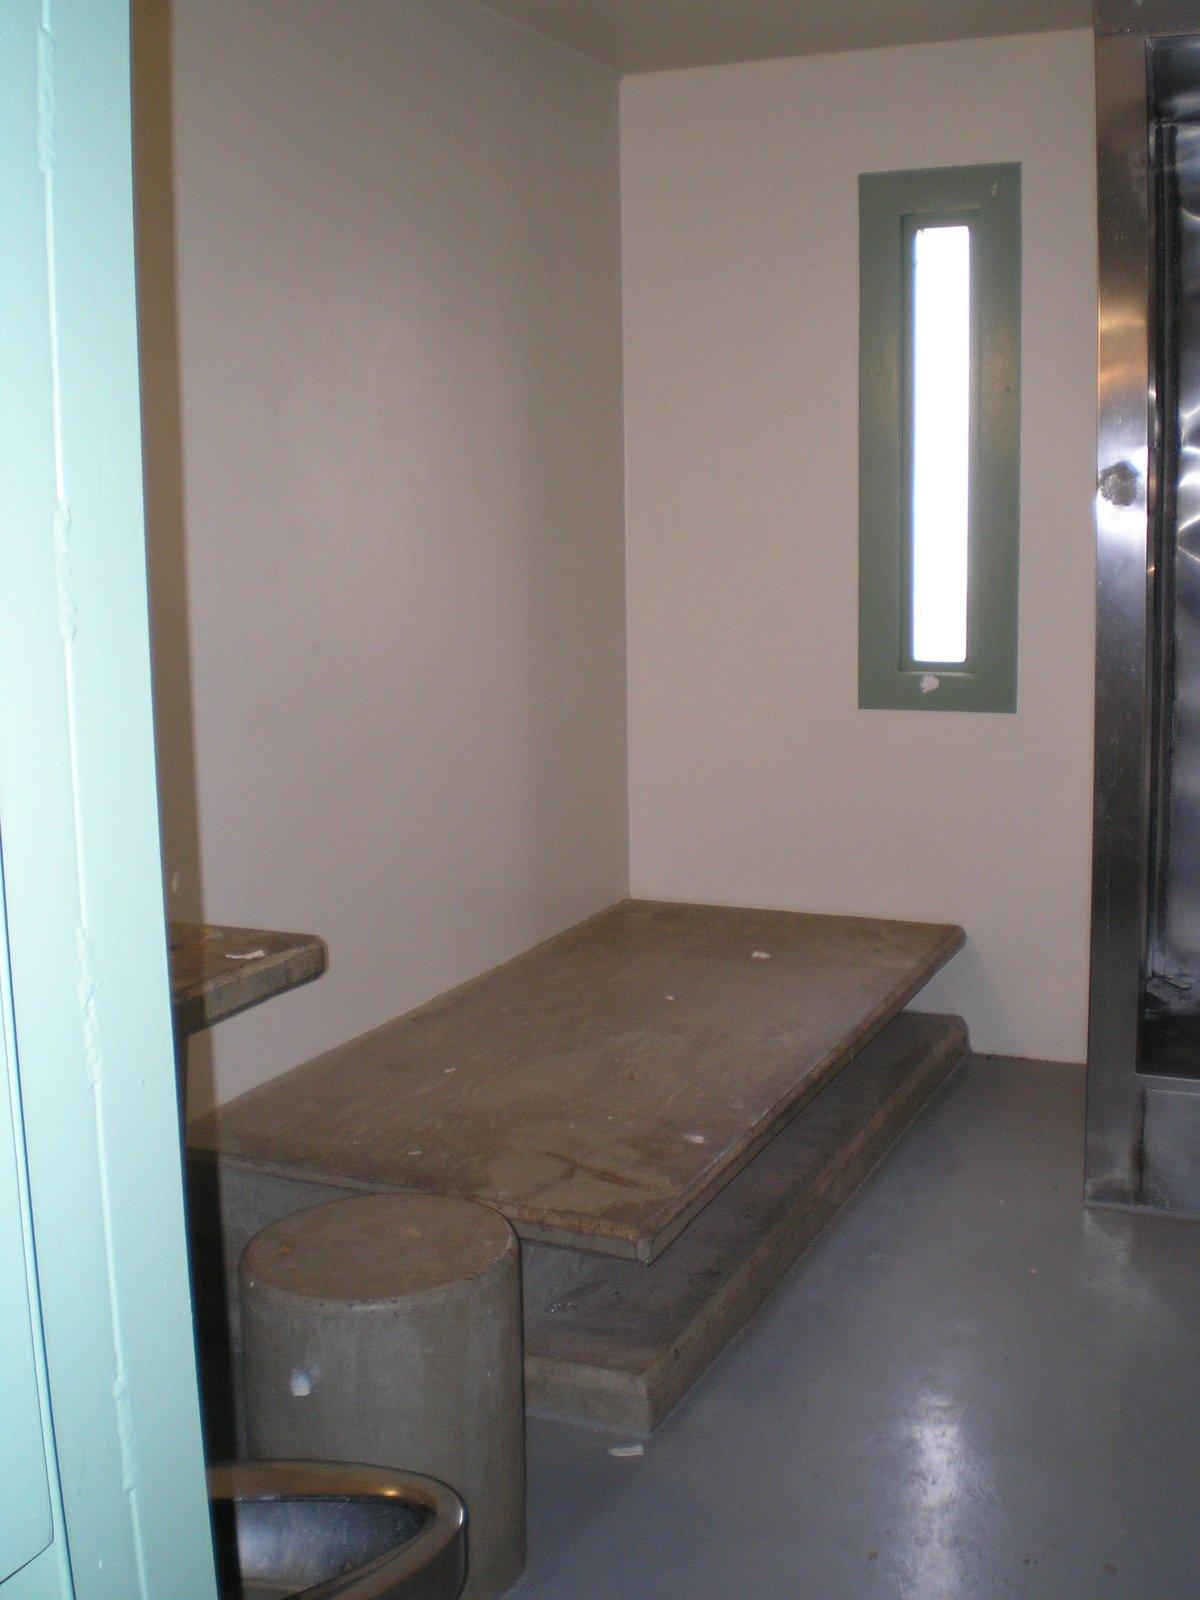 В камерах в SHU бетонная кровать рядом с туалетом и небольшое окно.